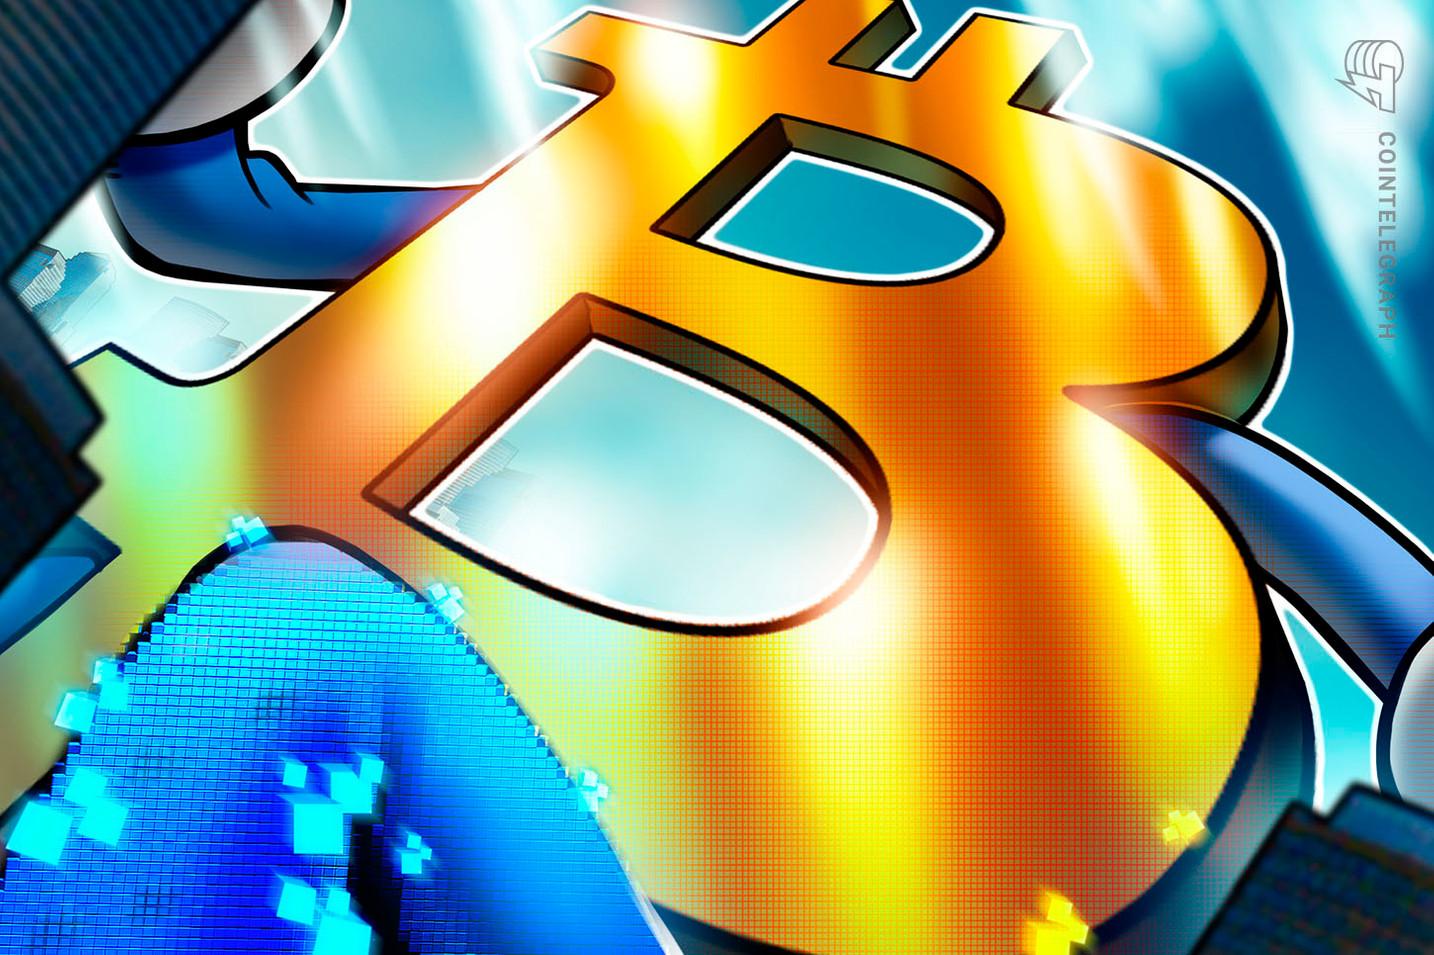 El precio de Bitcoin se atascó en los 32.000-35.000 dólares: Los probables resultados de la caída en 'escalera' de BTC